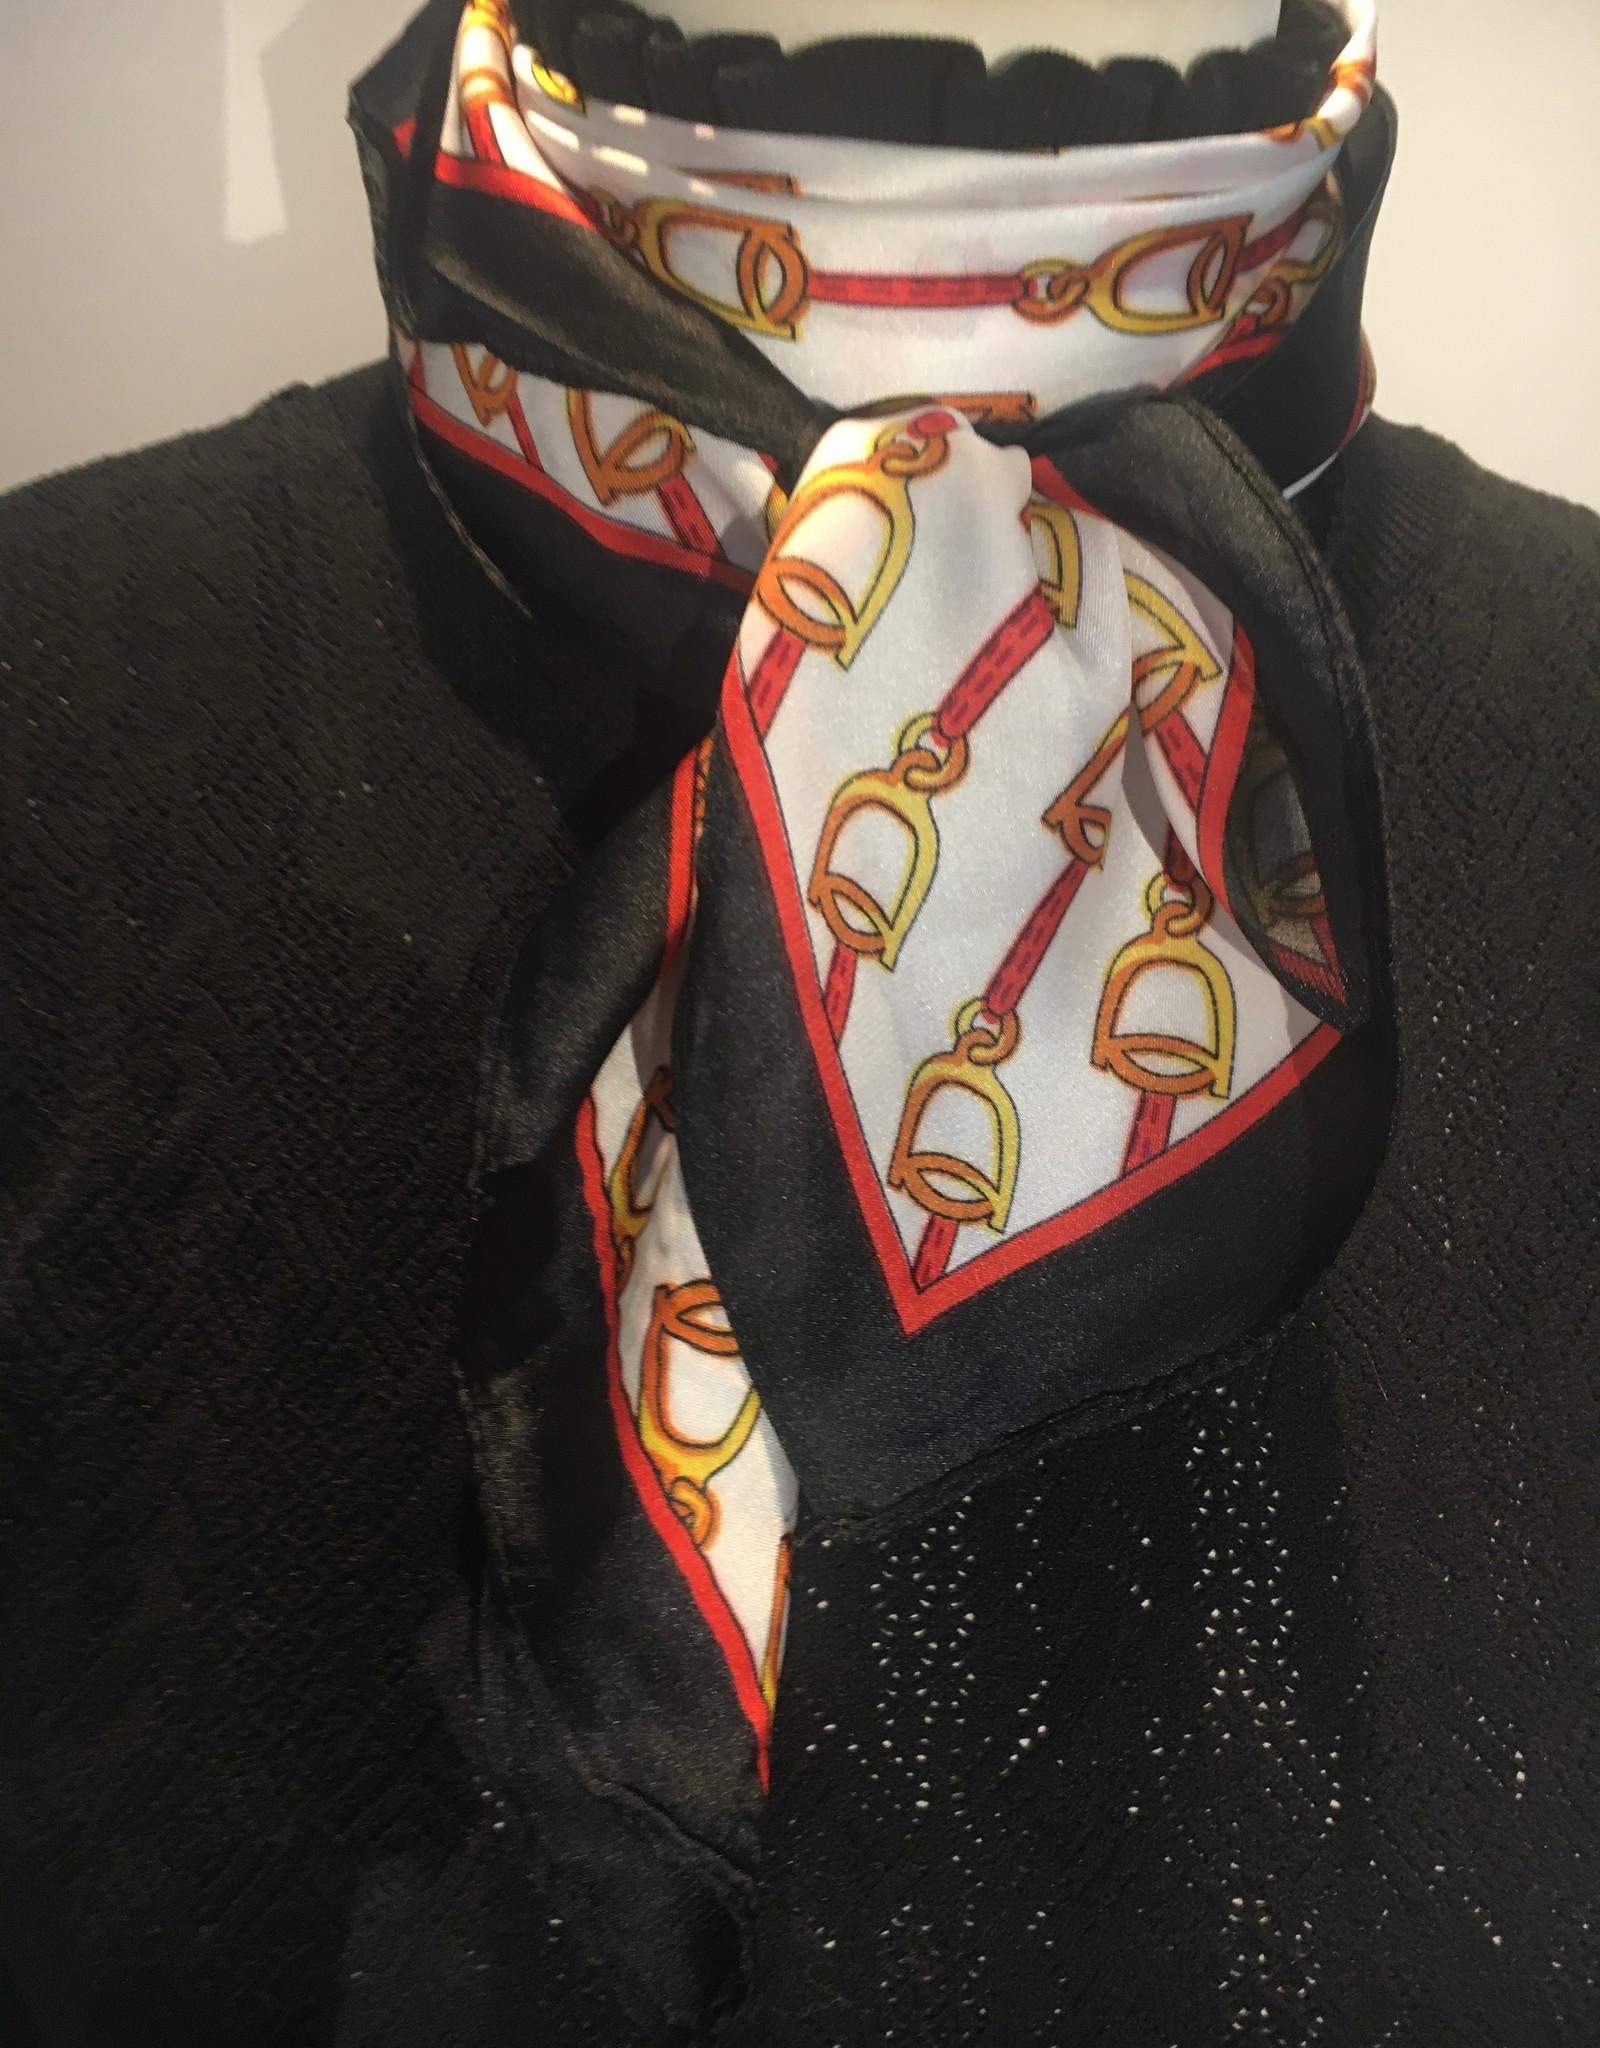 Bandana in satijn, zwart/wit en rood met stijgbeugels